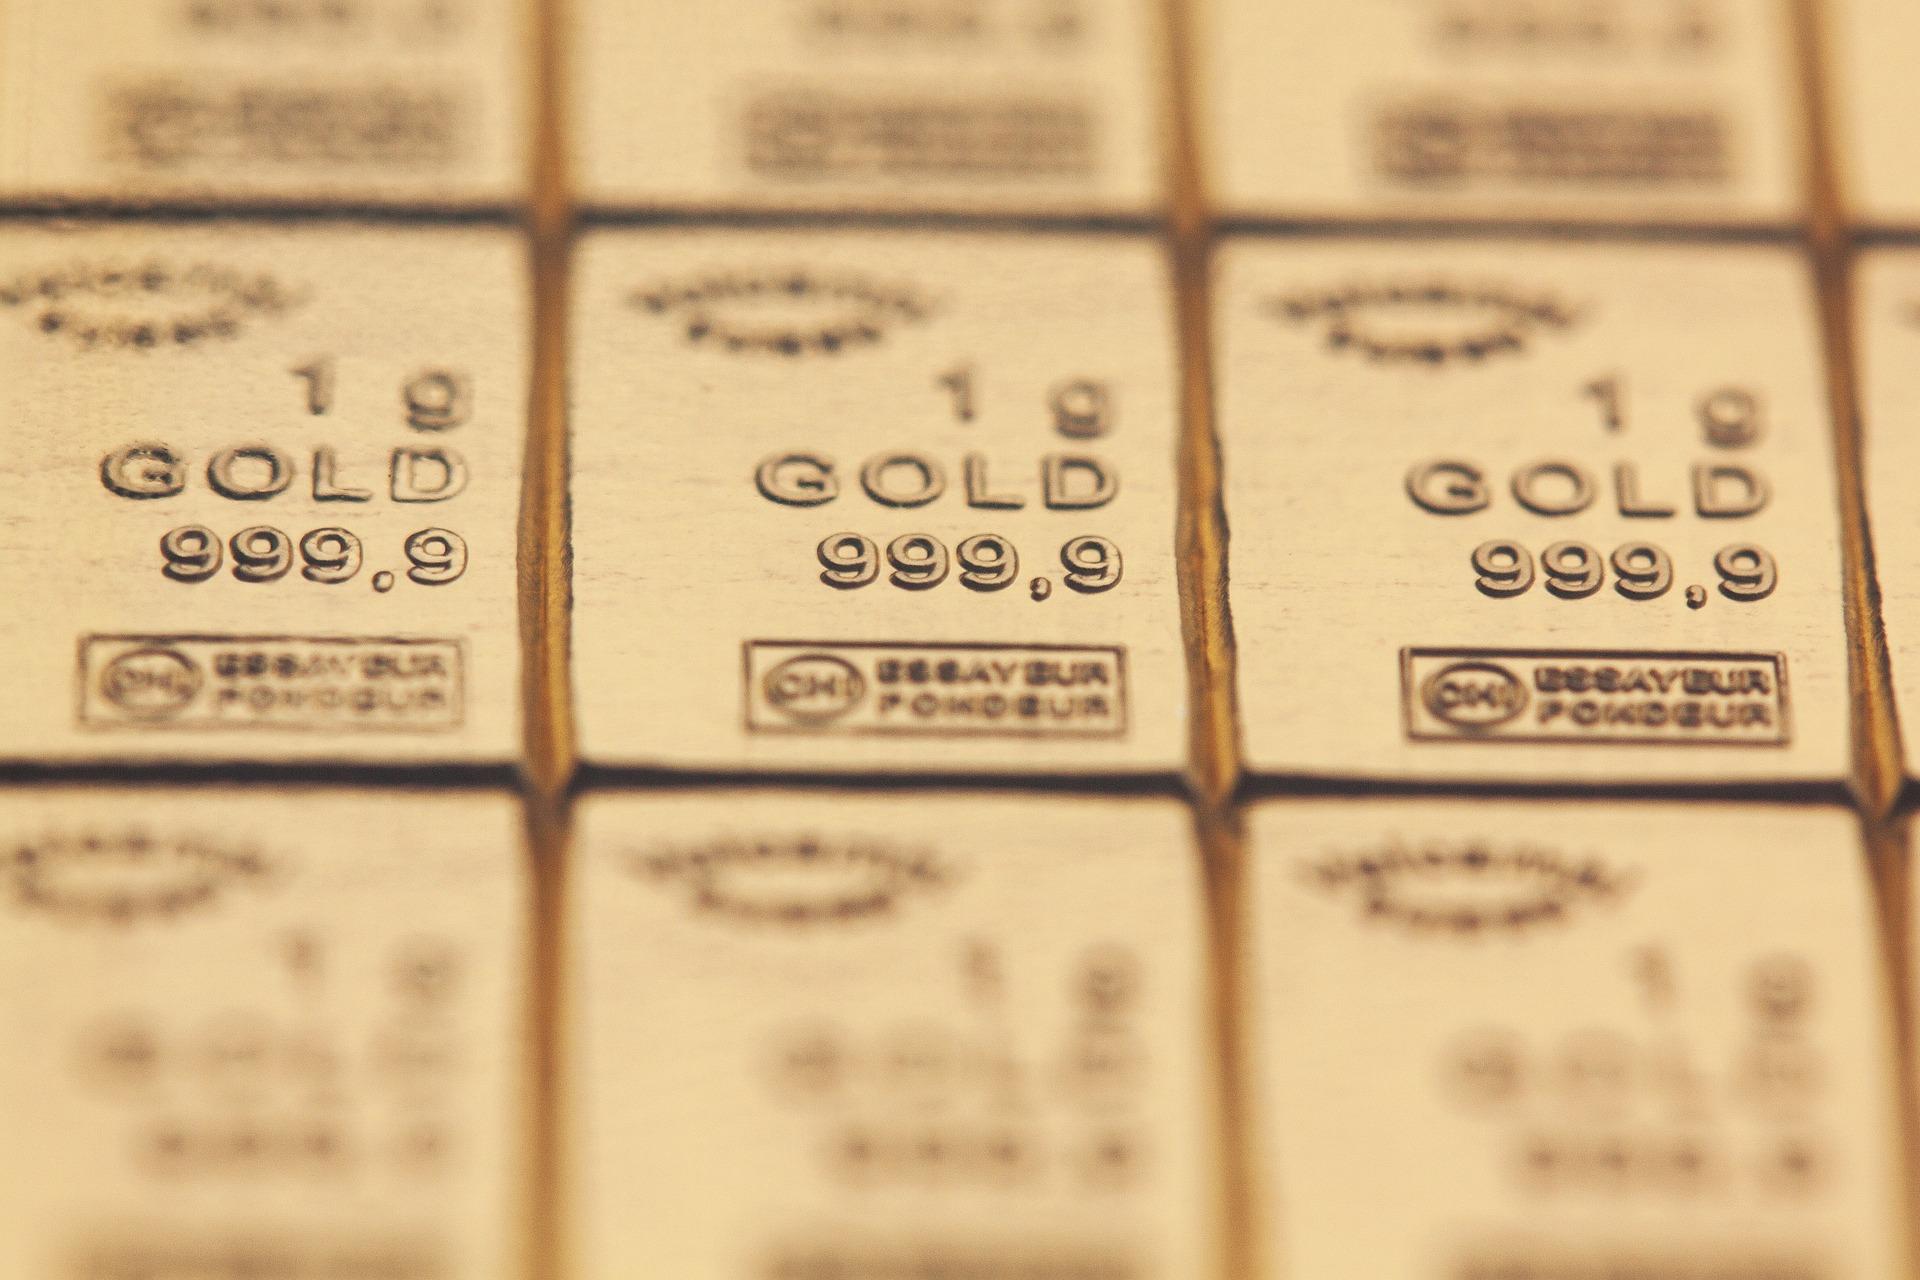 Analyse du marché des métaux précieux - Les particularités des métaux précieux